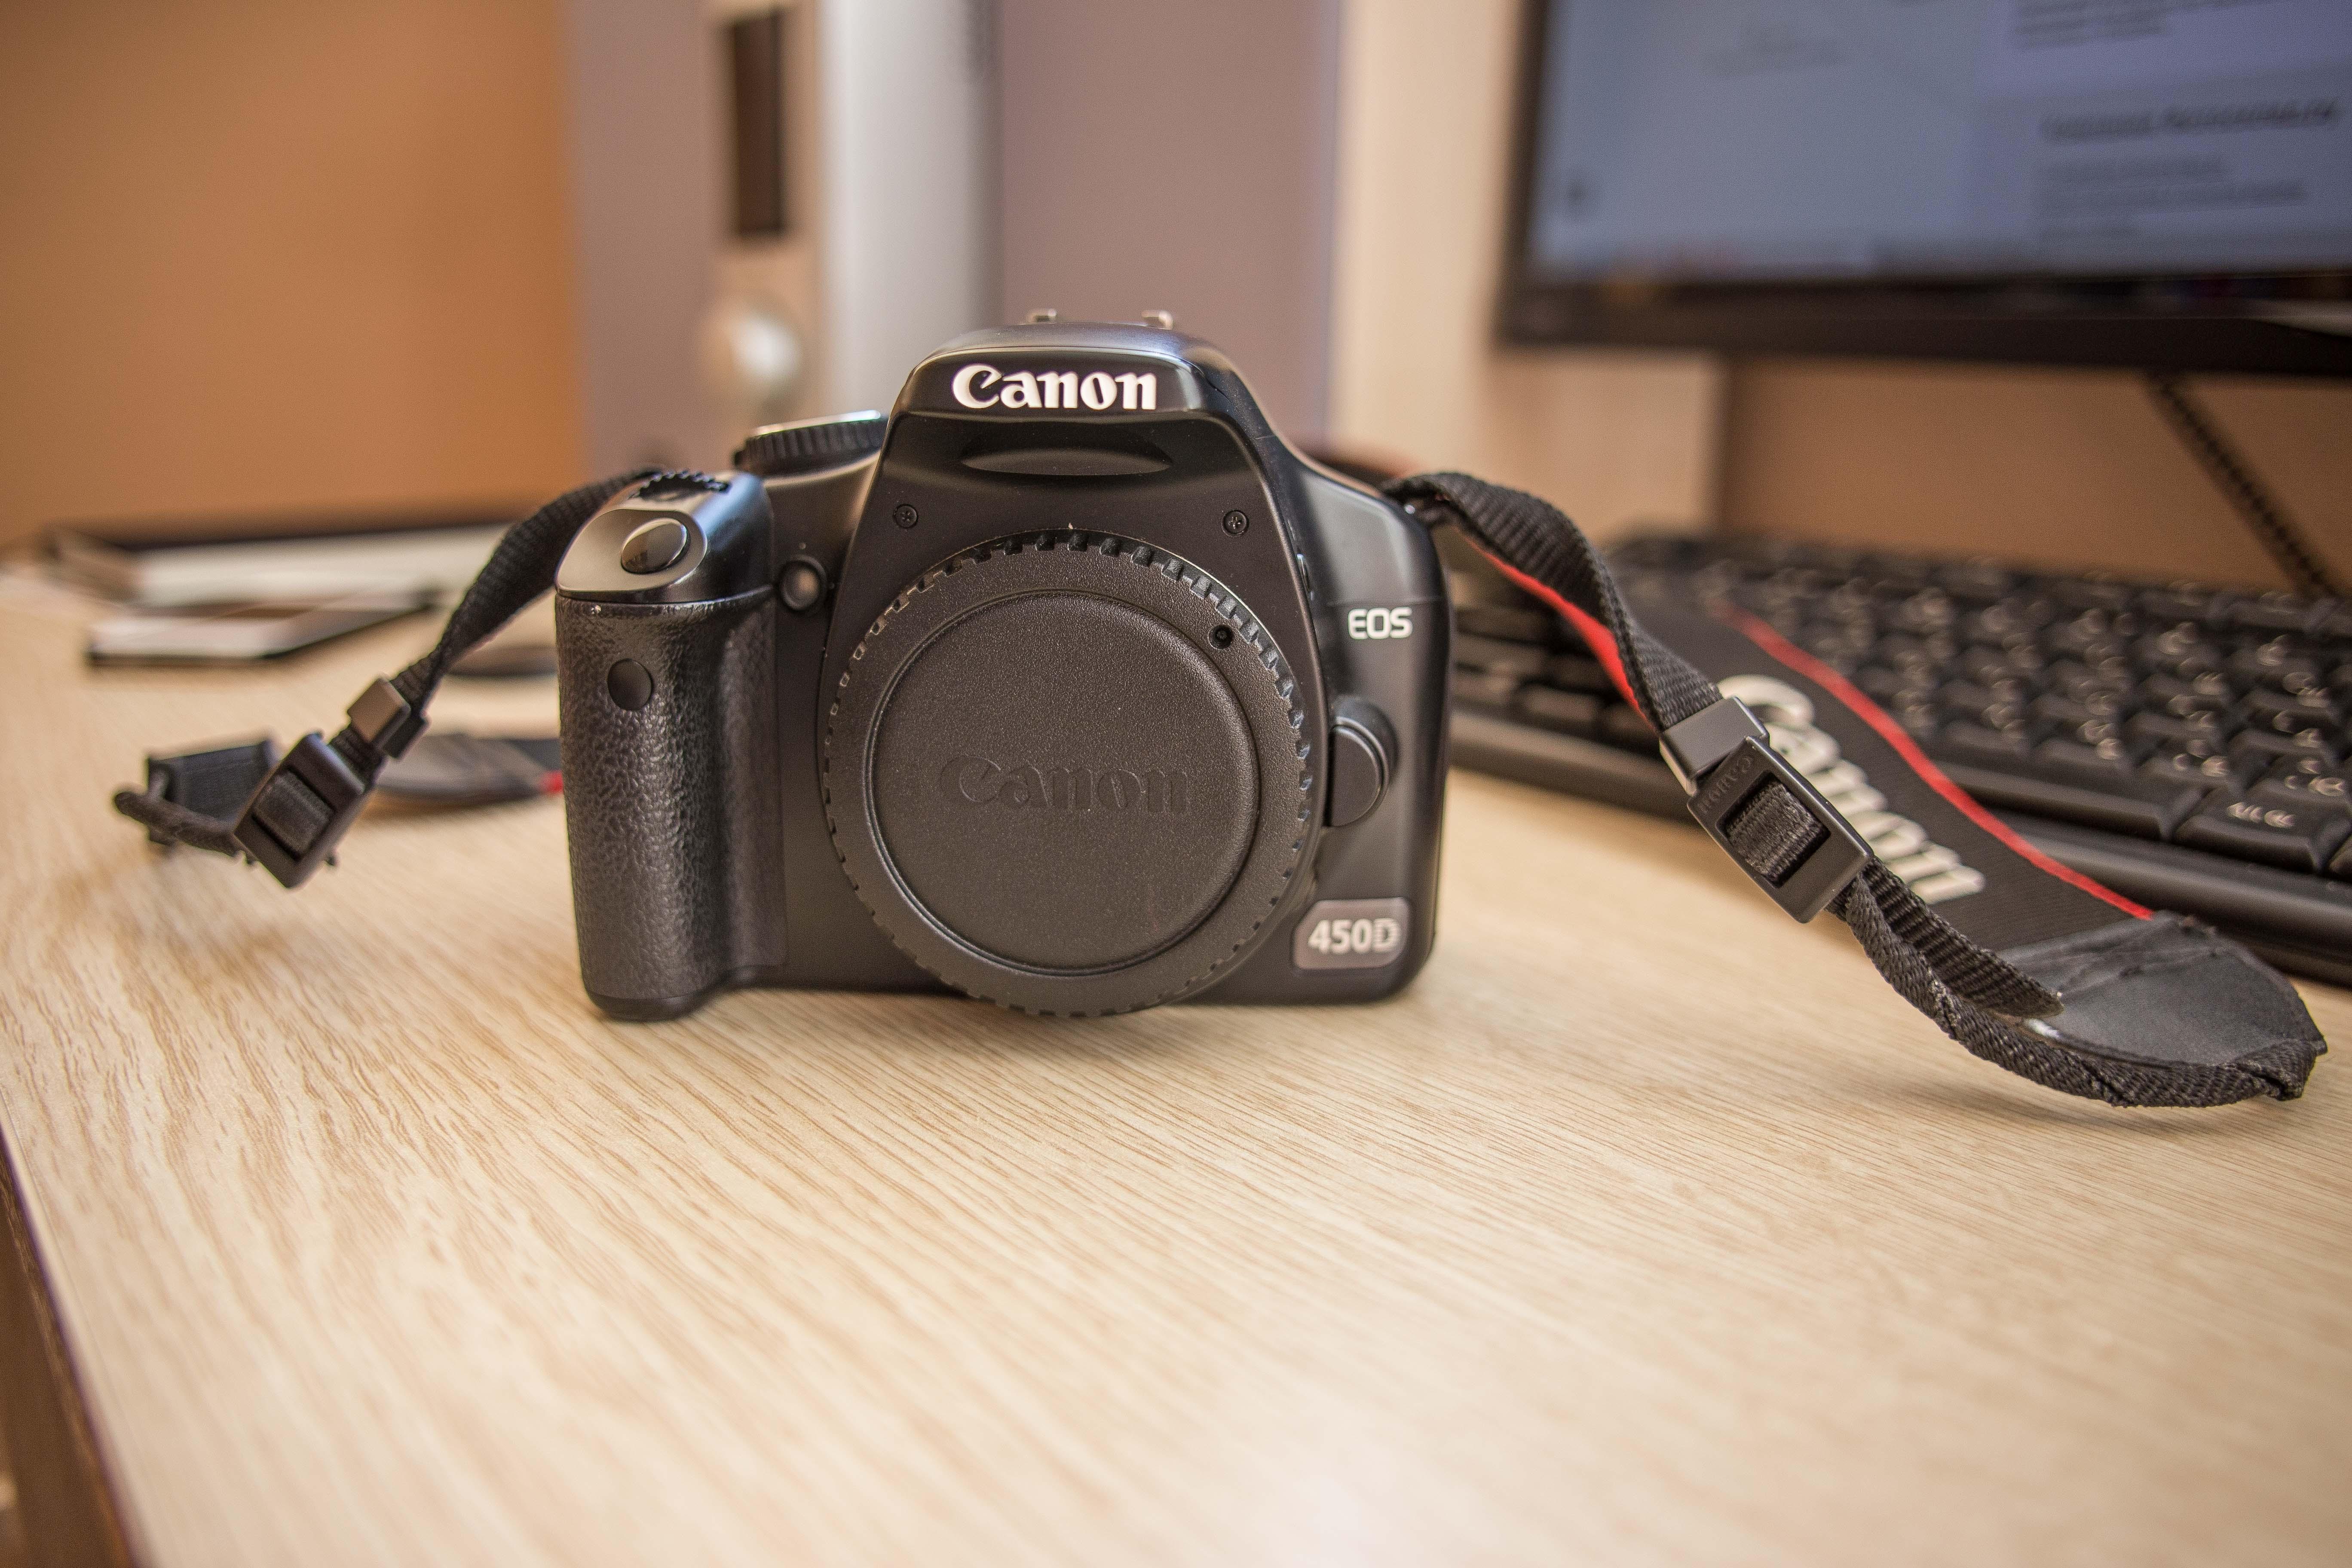 Camara fotos canon eos 450d 35